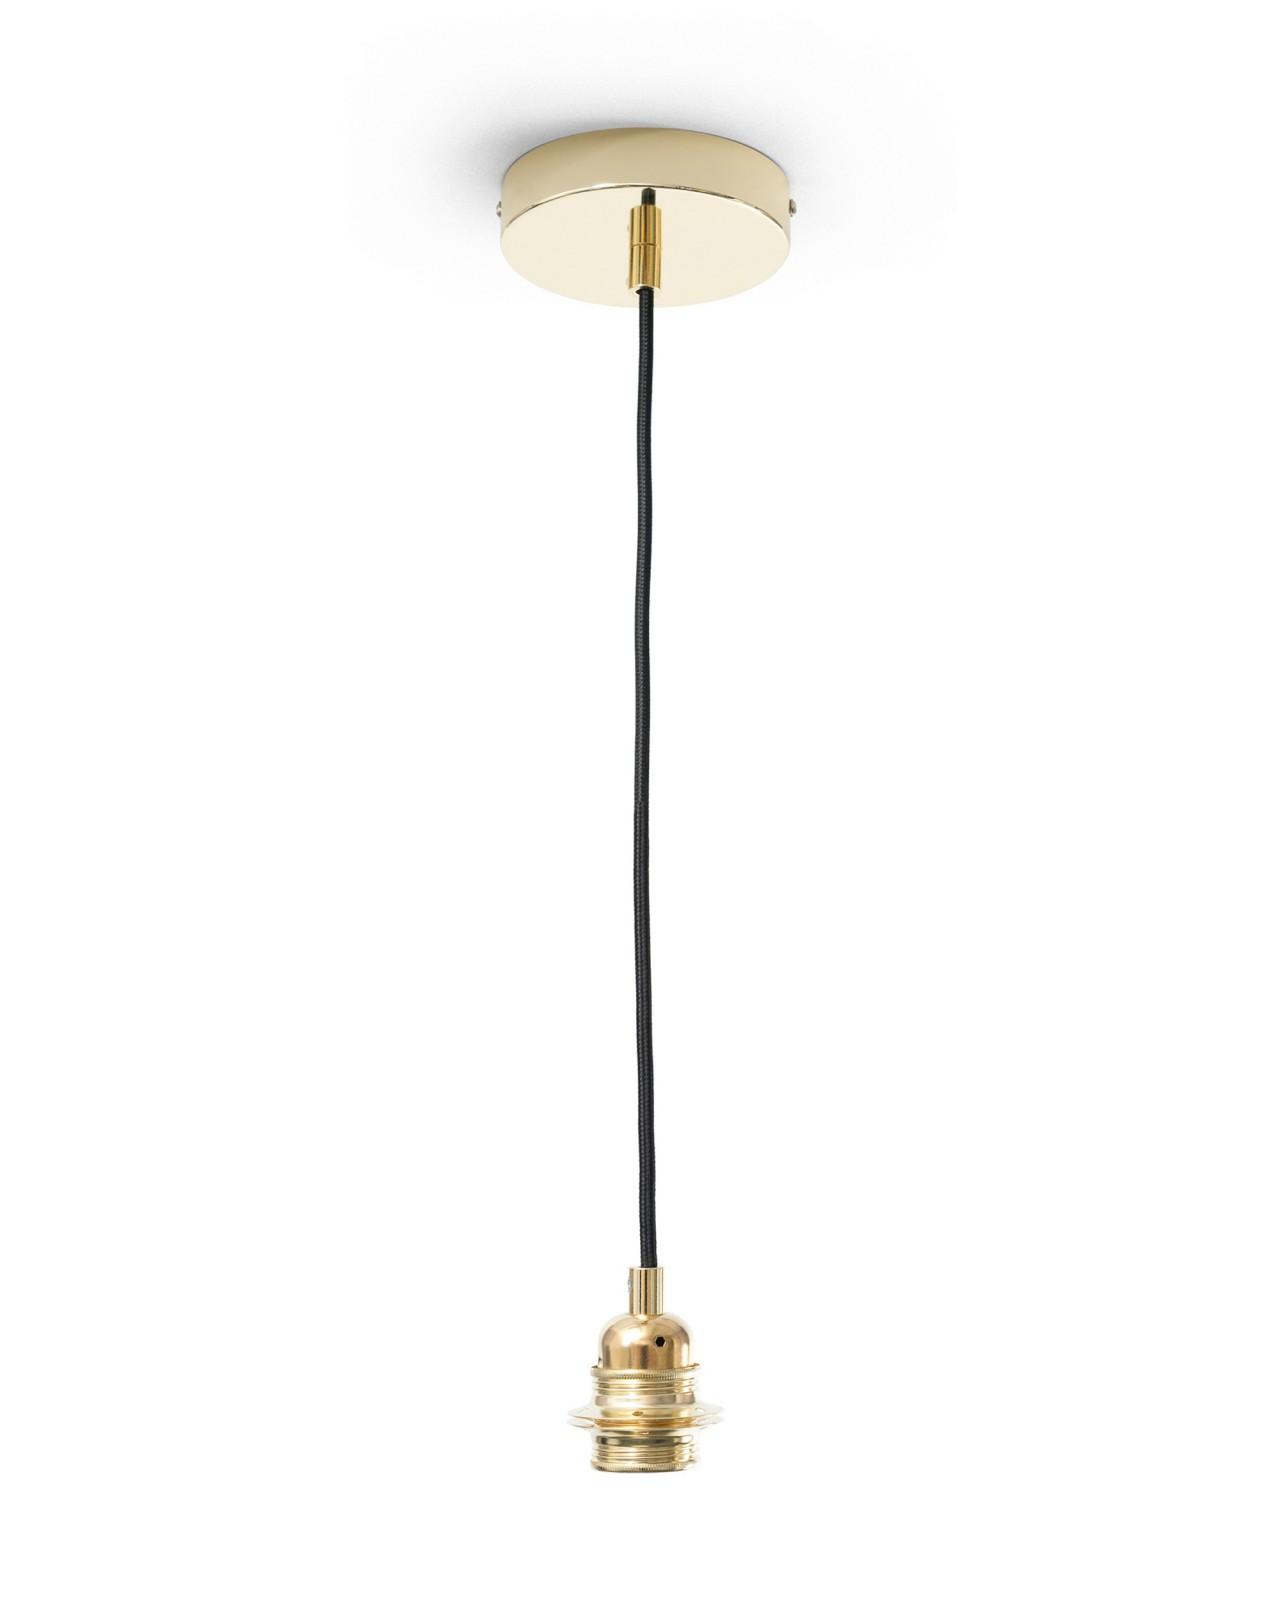 GARDEN BIRDS Pendant Lamp